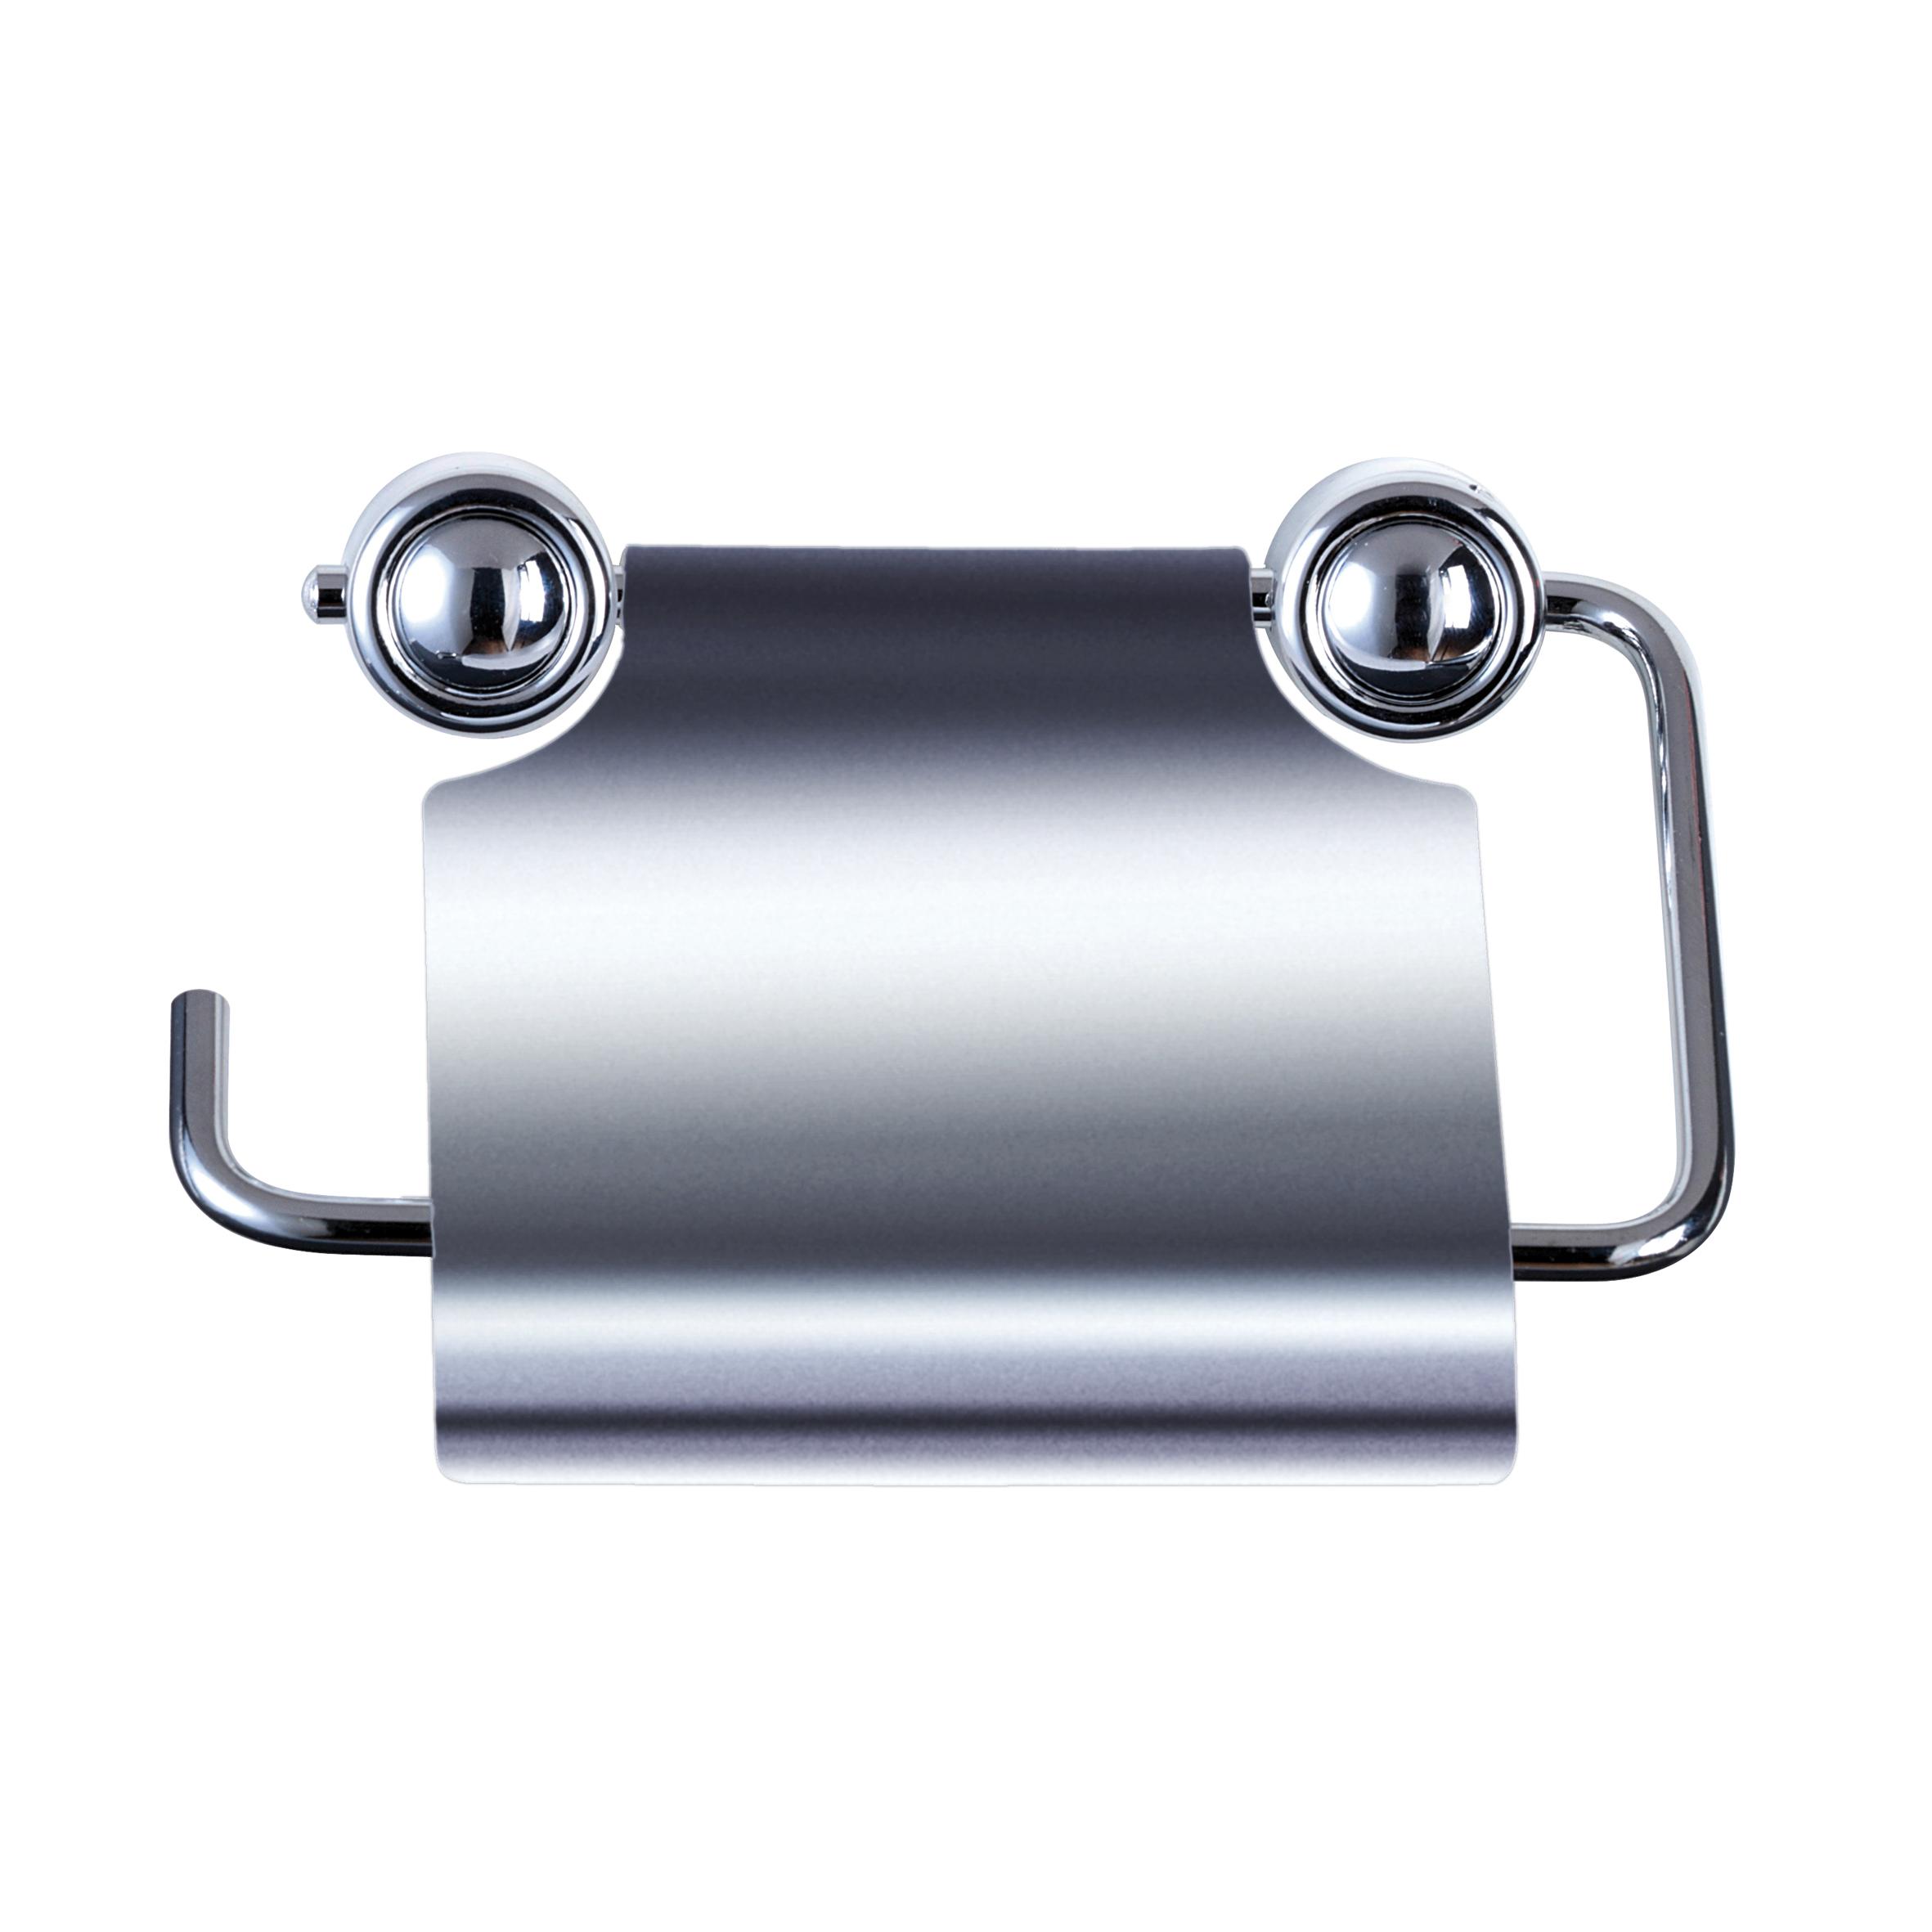 Держатель для туалетной бумаги Axentia Atlantik, цвет: хром280031Держатель для туалетной бумаги настенный с крышкой из нержавеющей стали. Крепится на шурупах, в комплекте. Изготовлен из высококачественной хромированной и нержавеющей стали, устойчивой к высокой влажности. Отлично сочетается с другими аксессуарами из коллекции Atlantik.